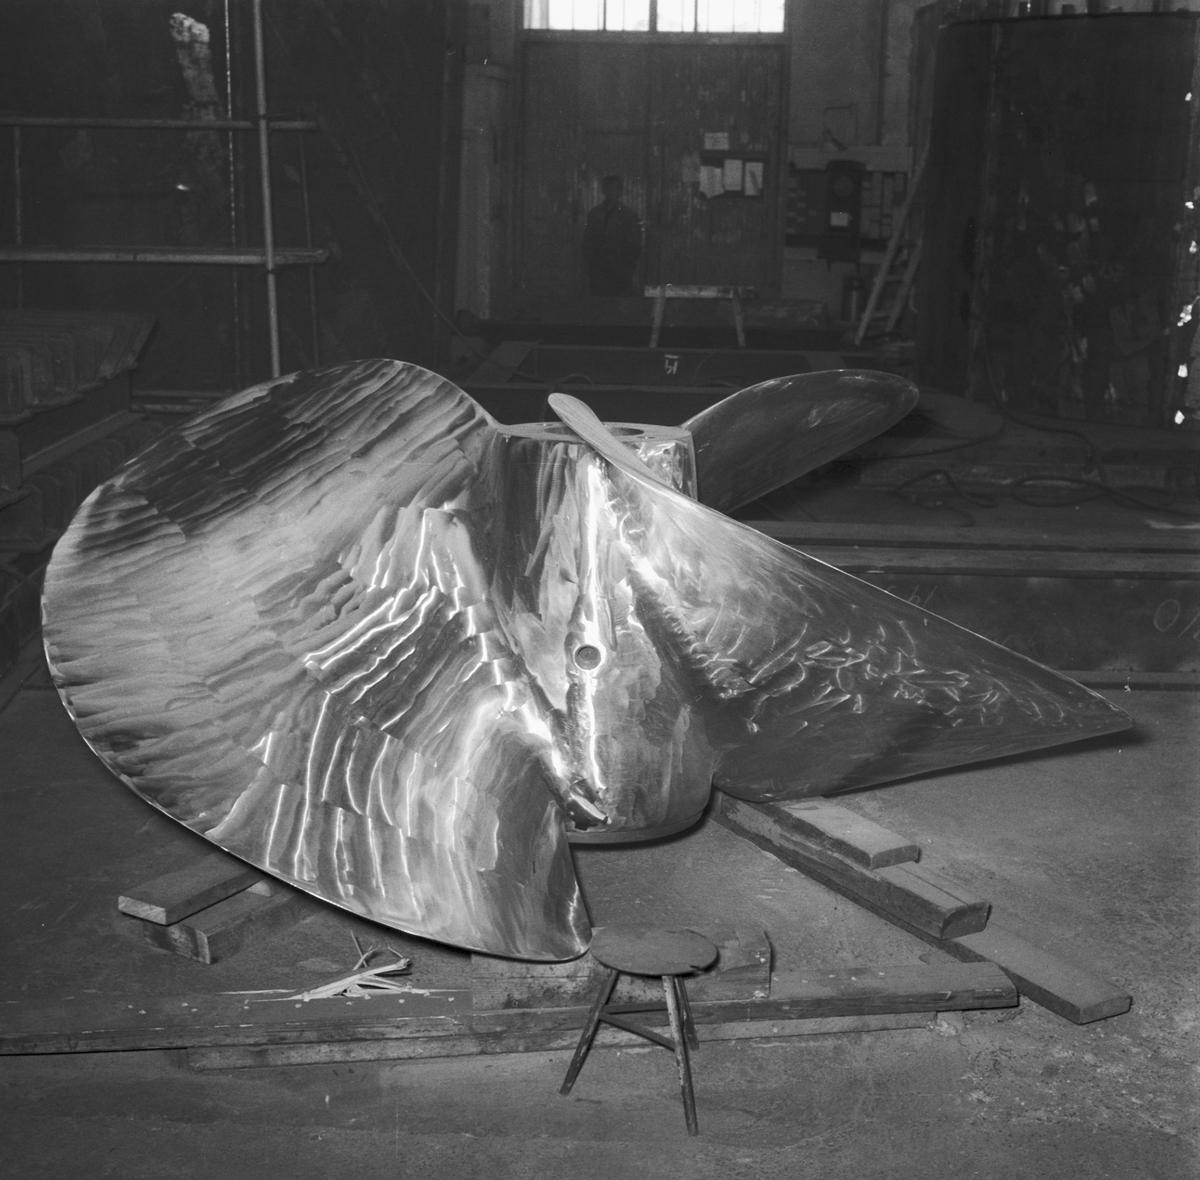 Fartyg: J 23 Hälsingland               Bredd över allt 11.2 meter Längd över allt 107.0 meter  Rederi: Kungliga Flottan, Marinen Byggår: 1957 Varv: Eriksbergs MV Övrigt: H's propeller.